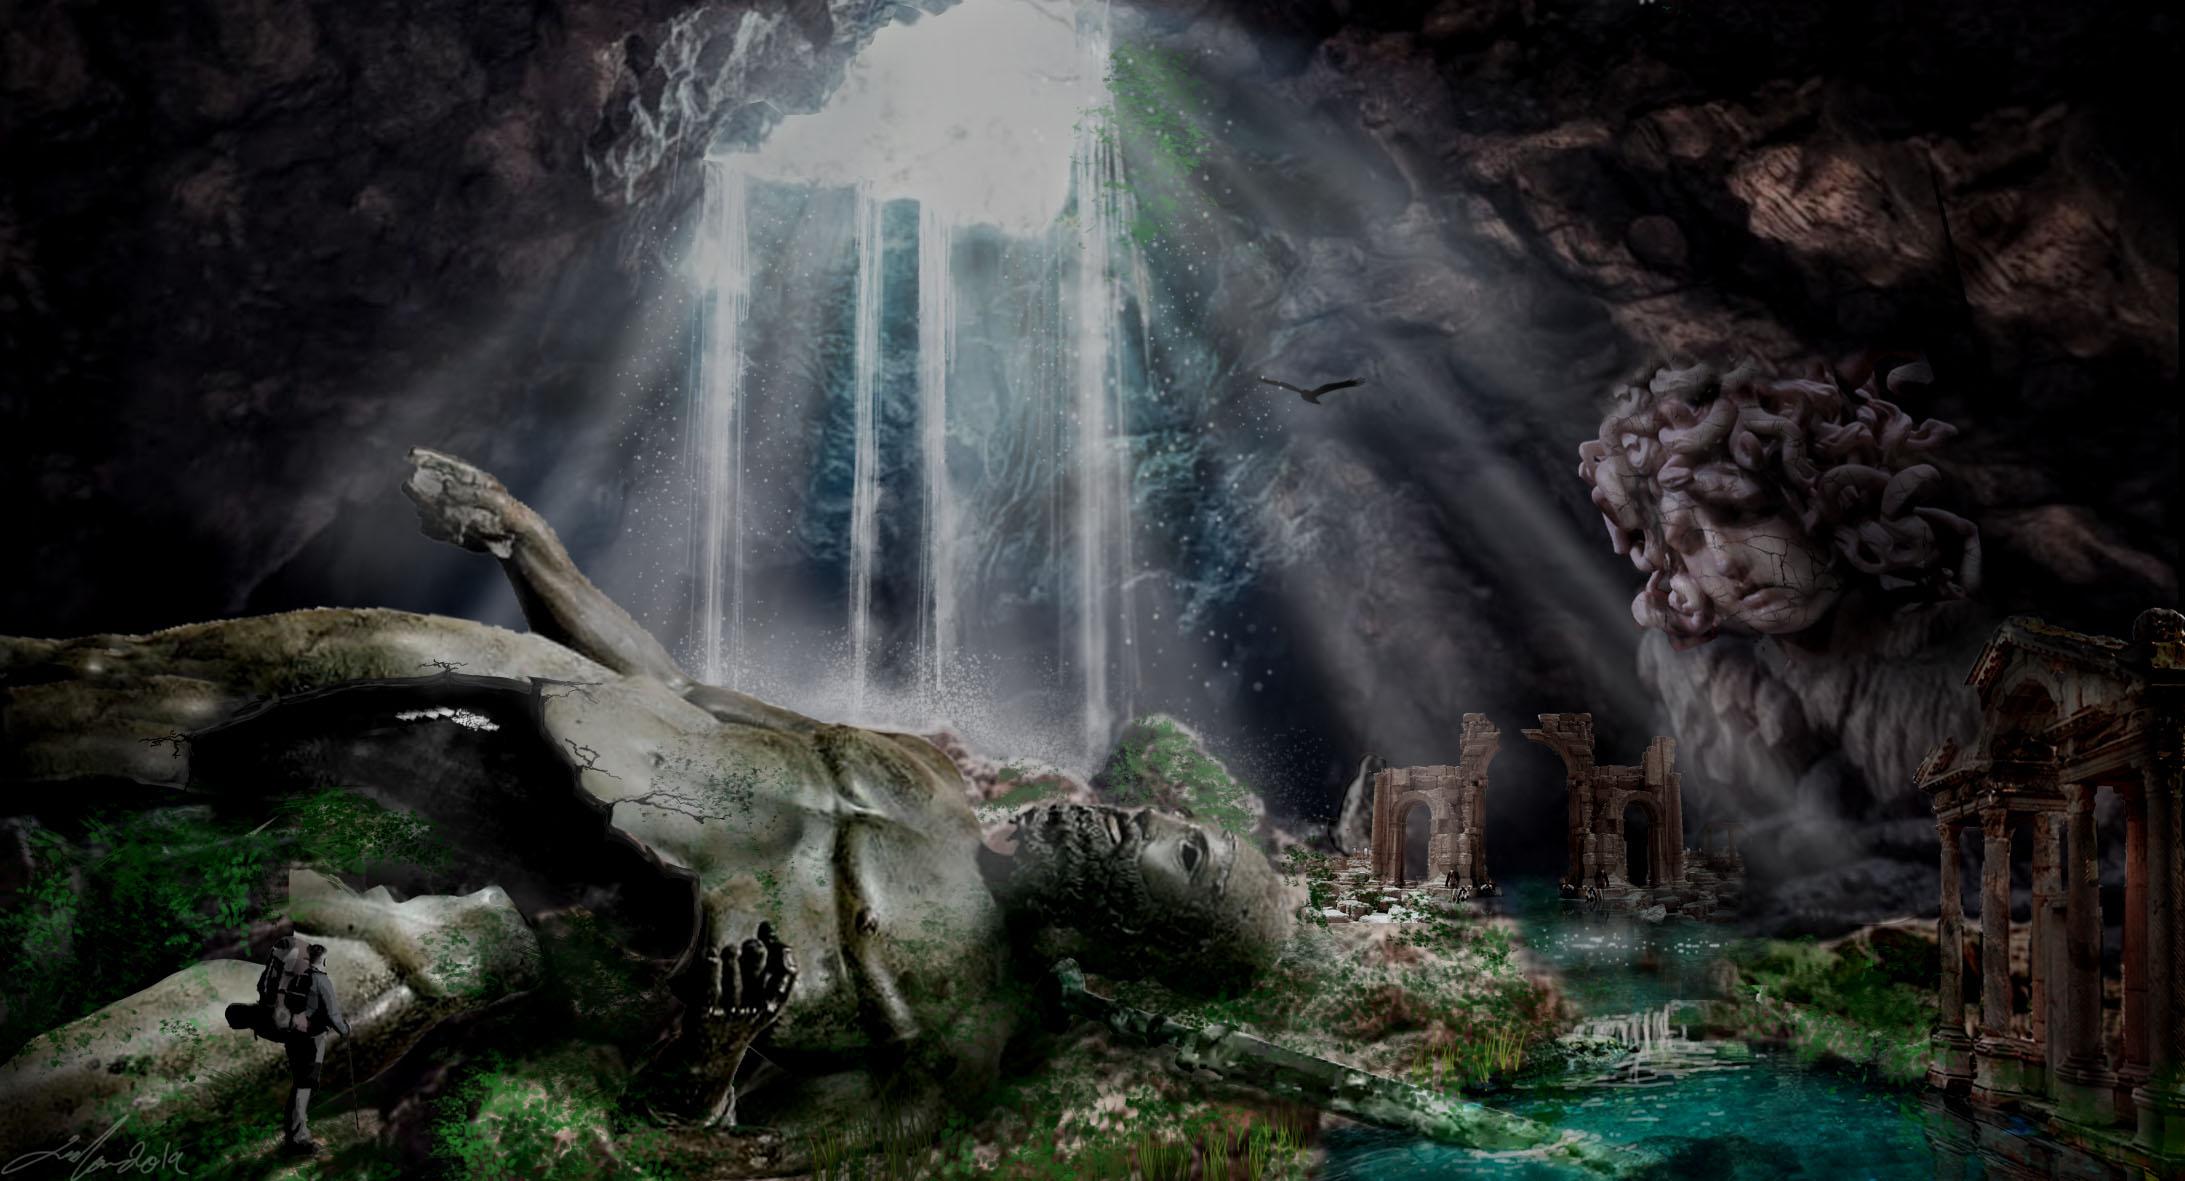 Digital Art: Ancient Cave